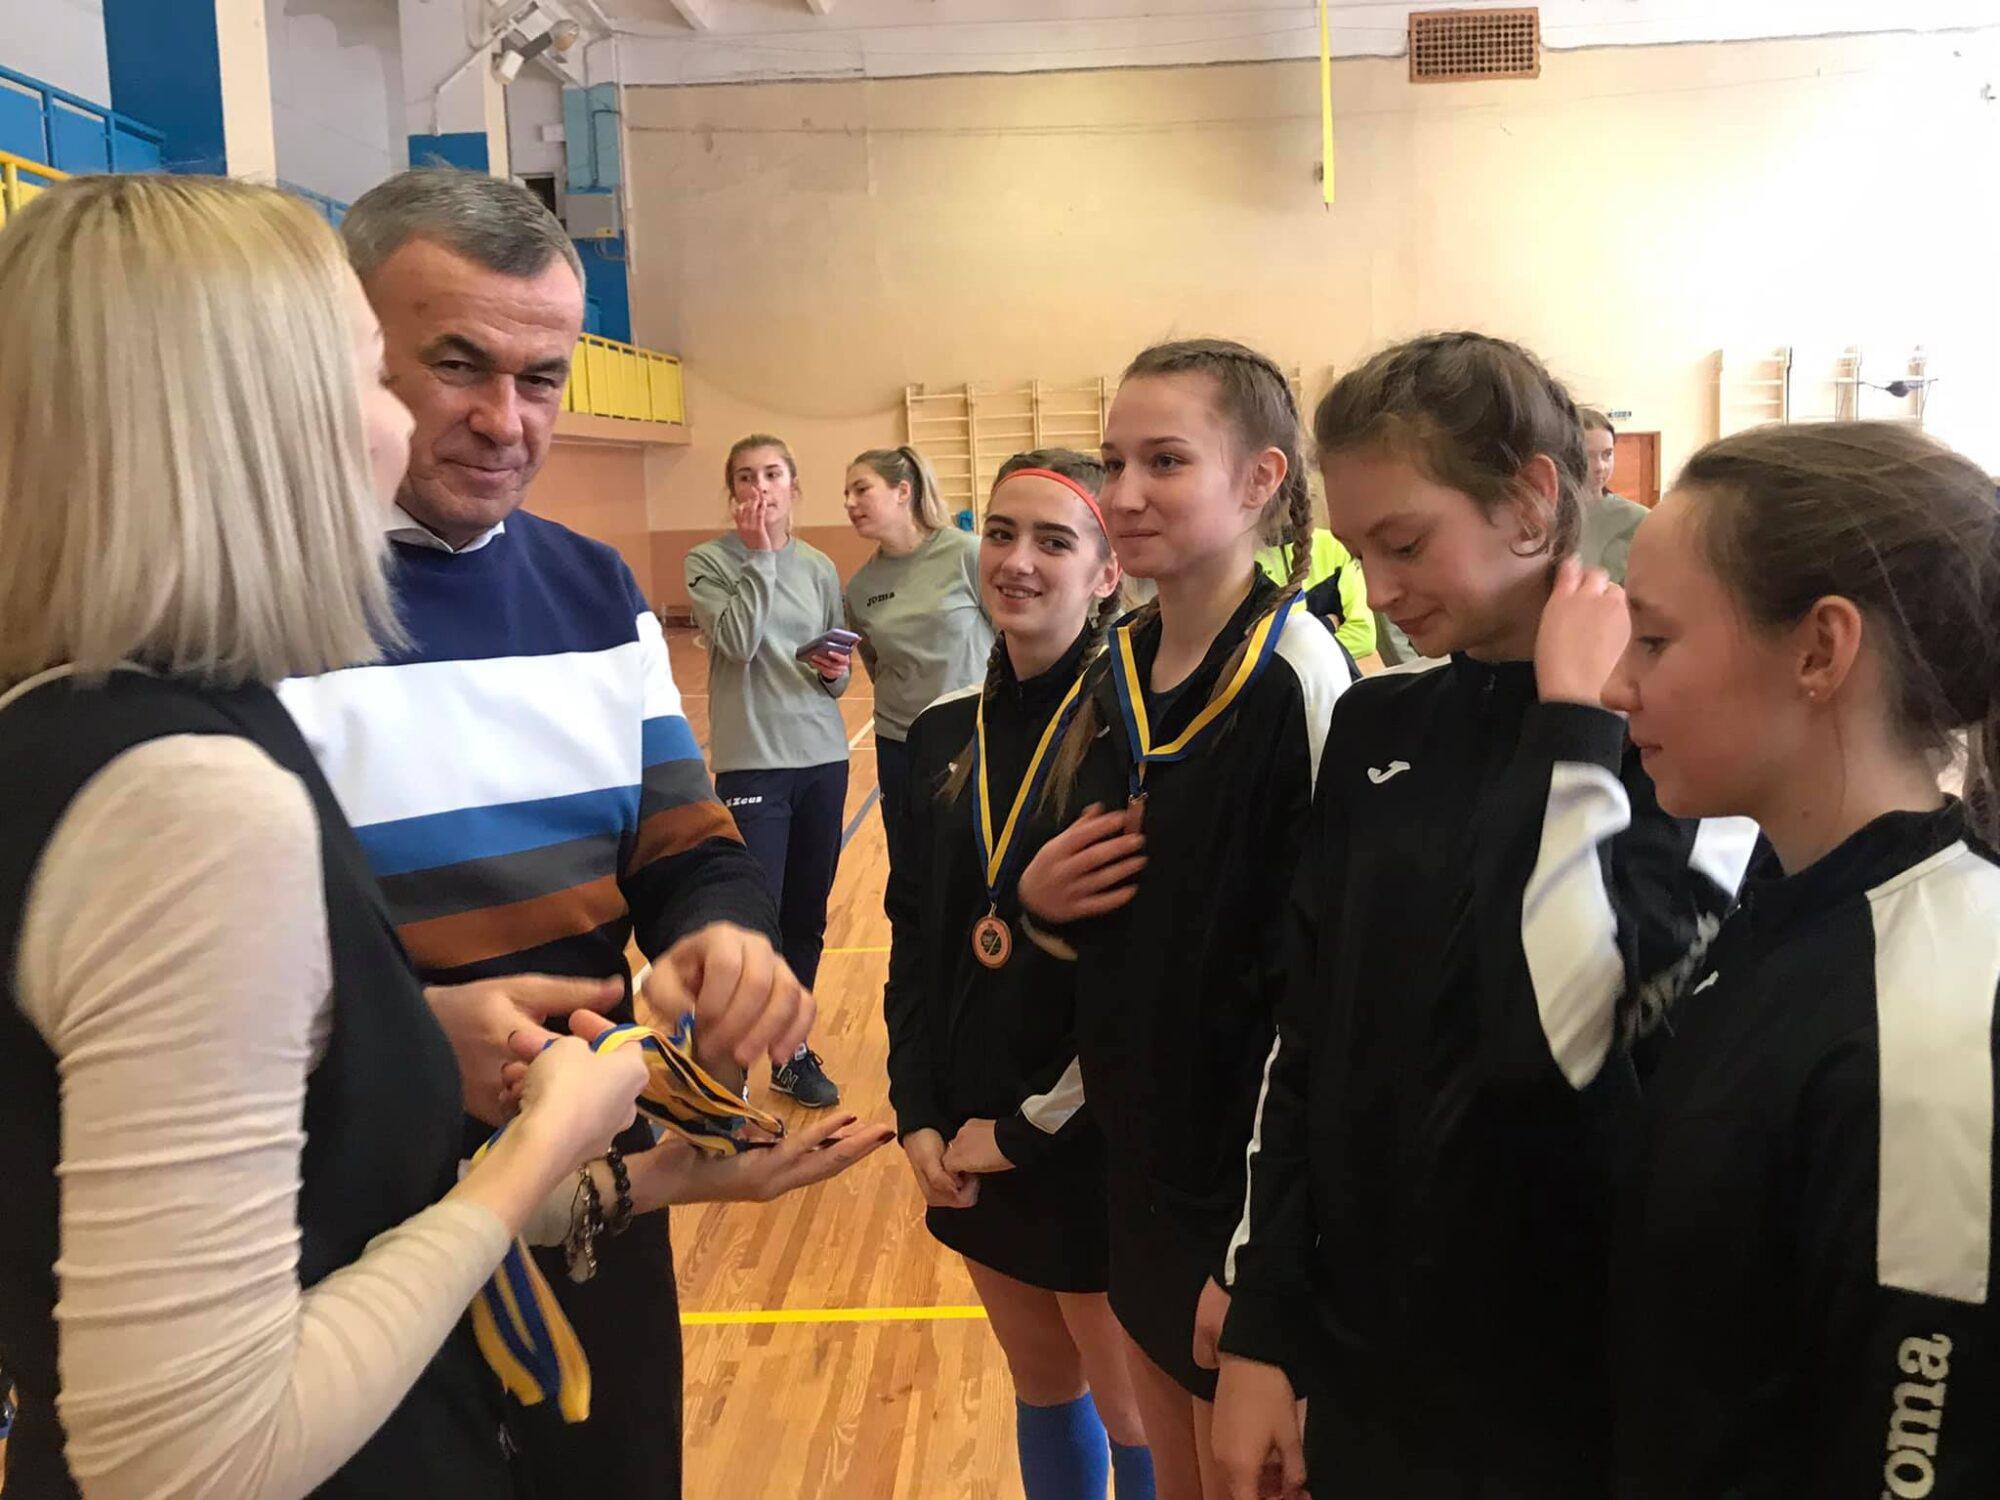 Спортсменки із Борисполя здобули бронзу на чемпіонаті України з хокею на траві - хокей - 147651226 714543922570659 4374712543188545730 o 2000x1500